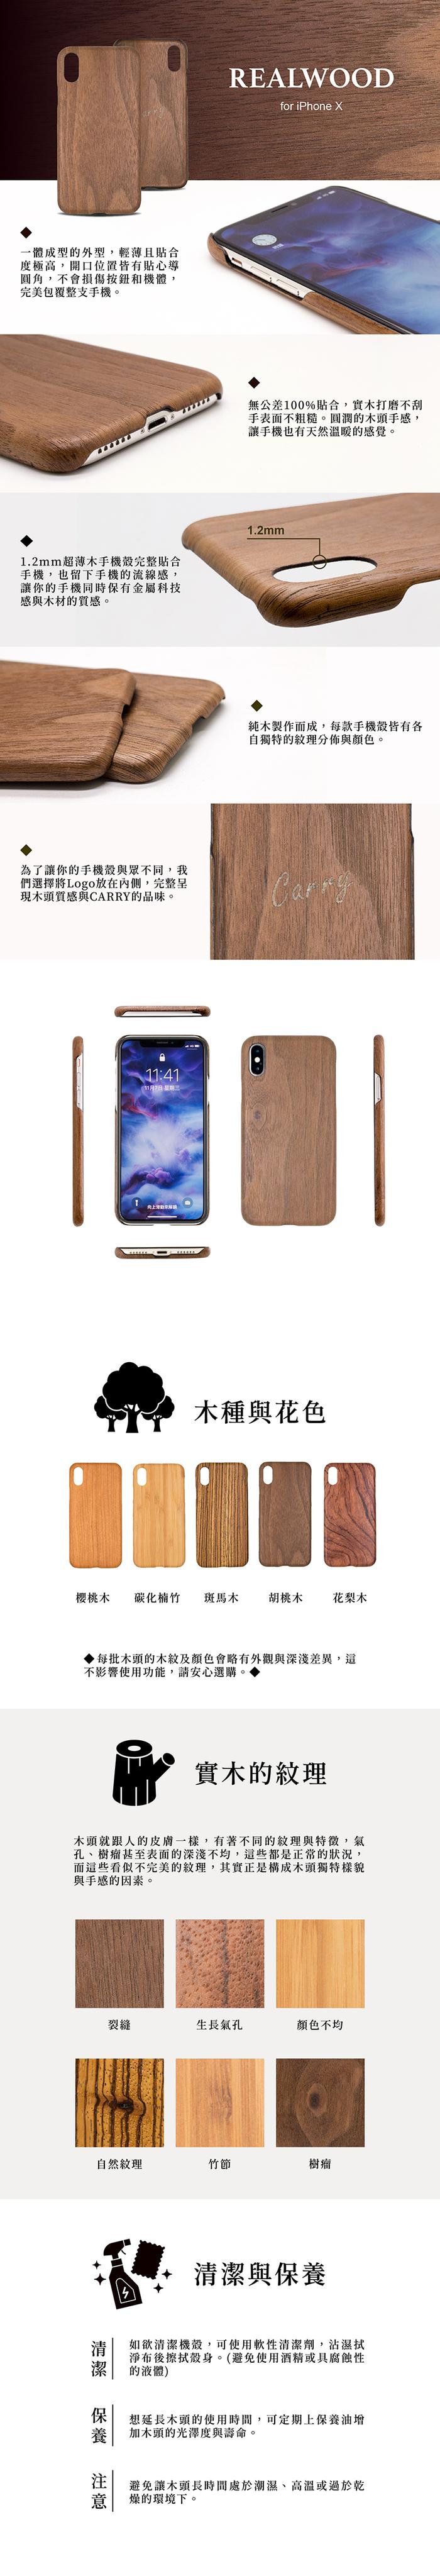 (複製)Carry|RealWood 純木手機殼 – 櫻桃木 ( for iPhone X )